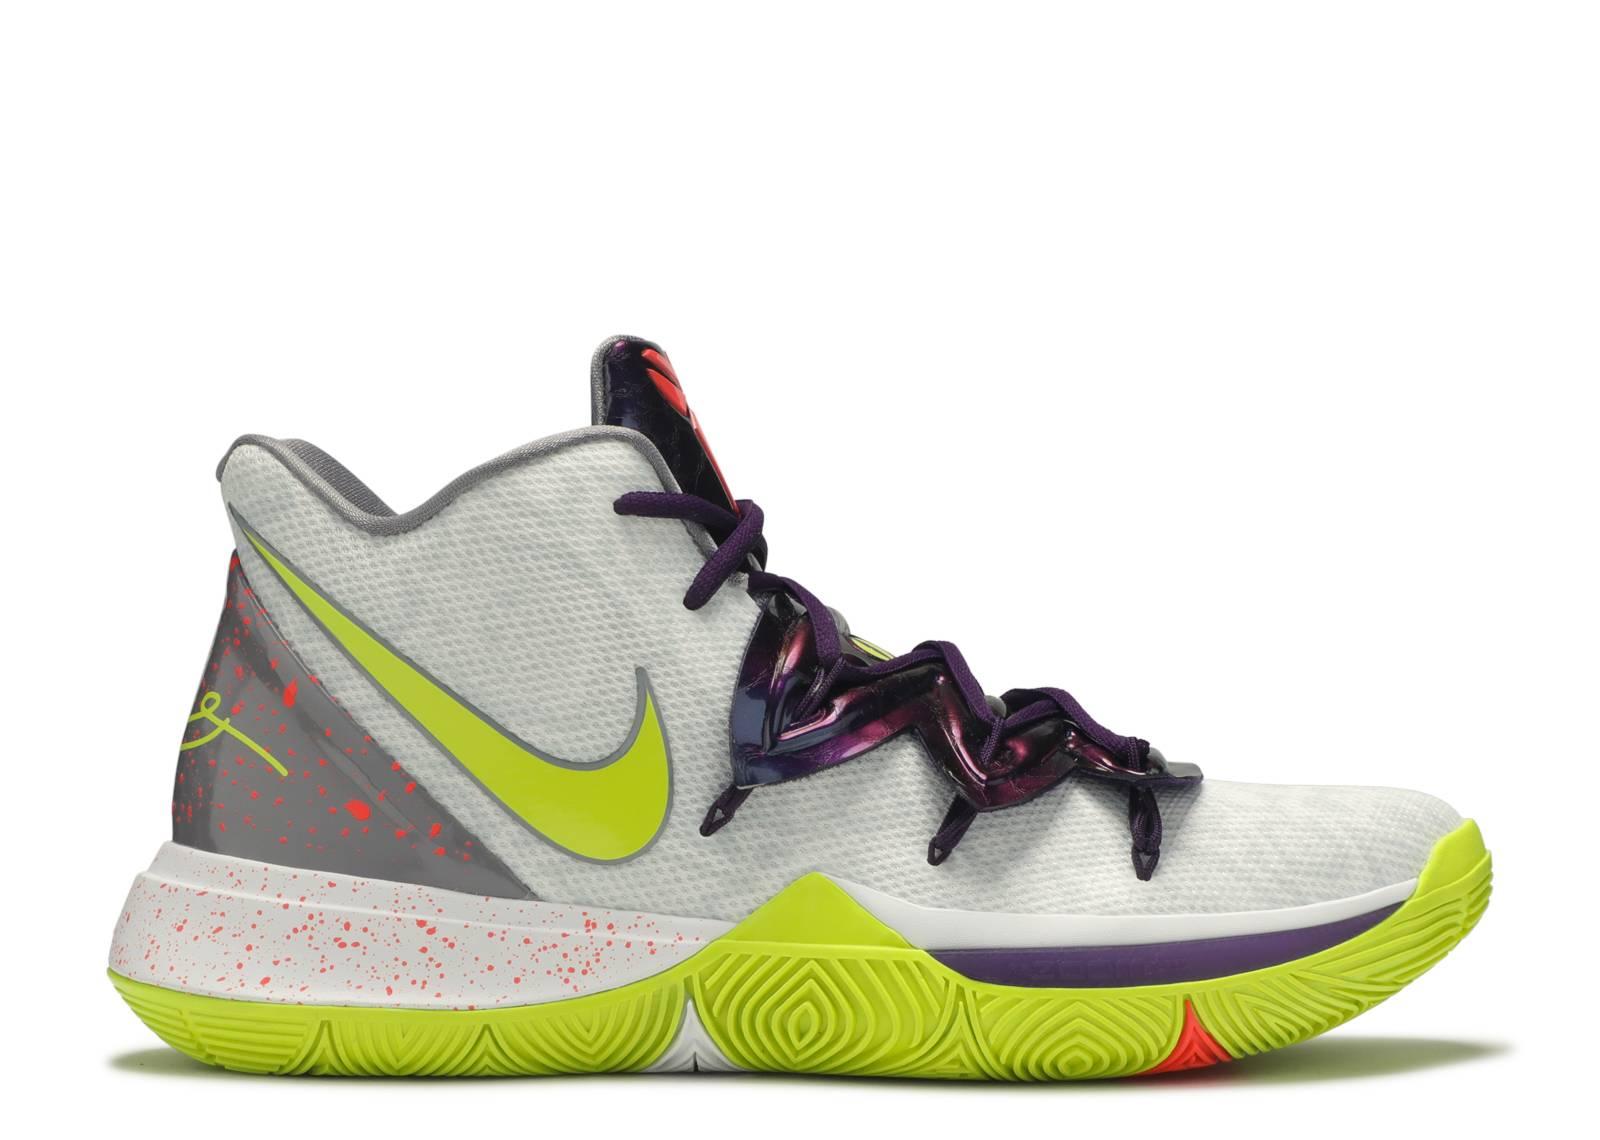 c0b985510d9 Nike Kyrie 5